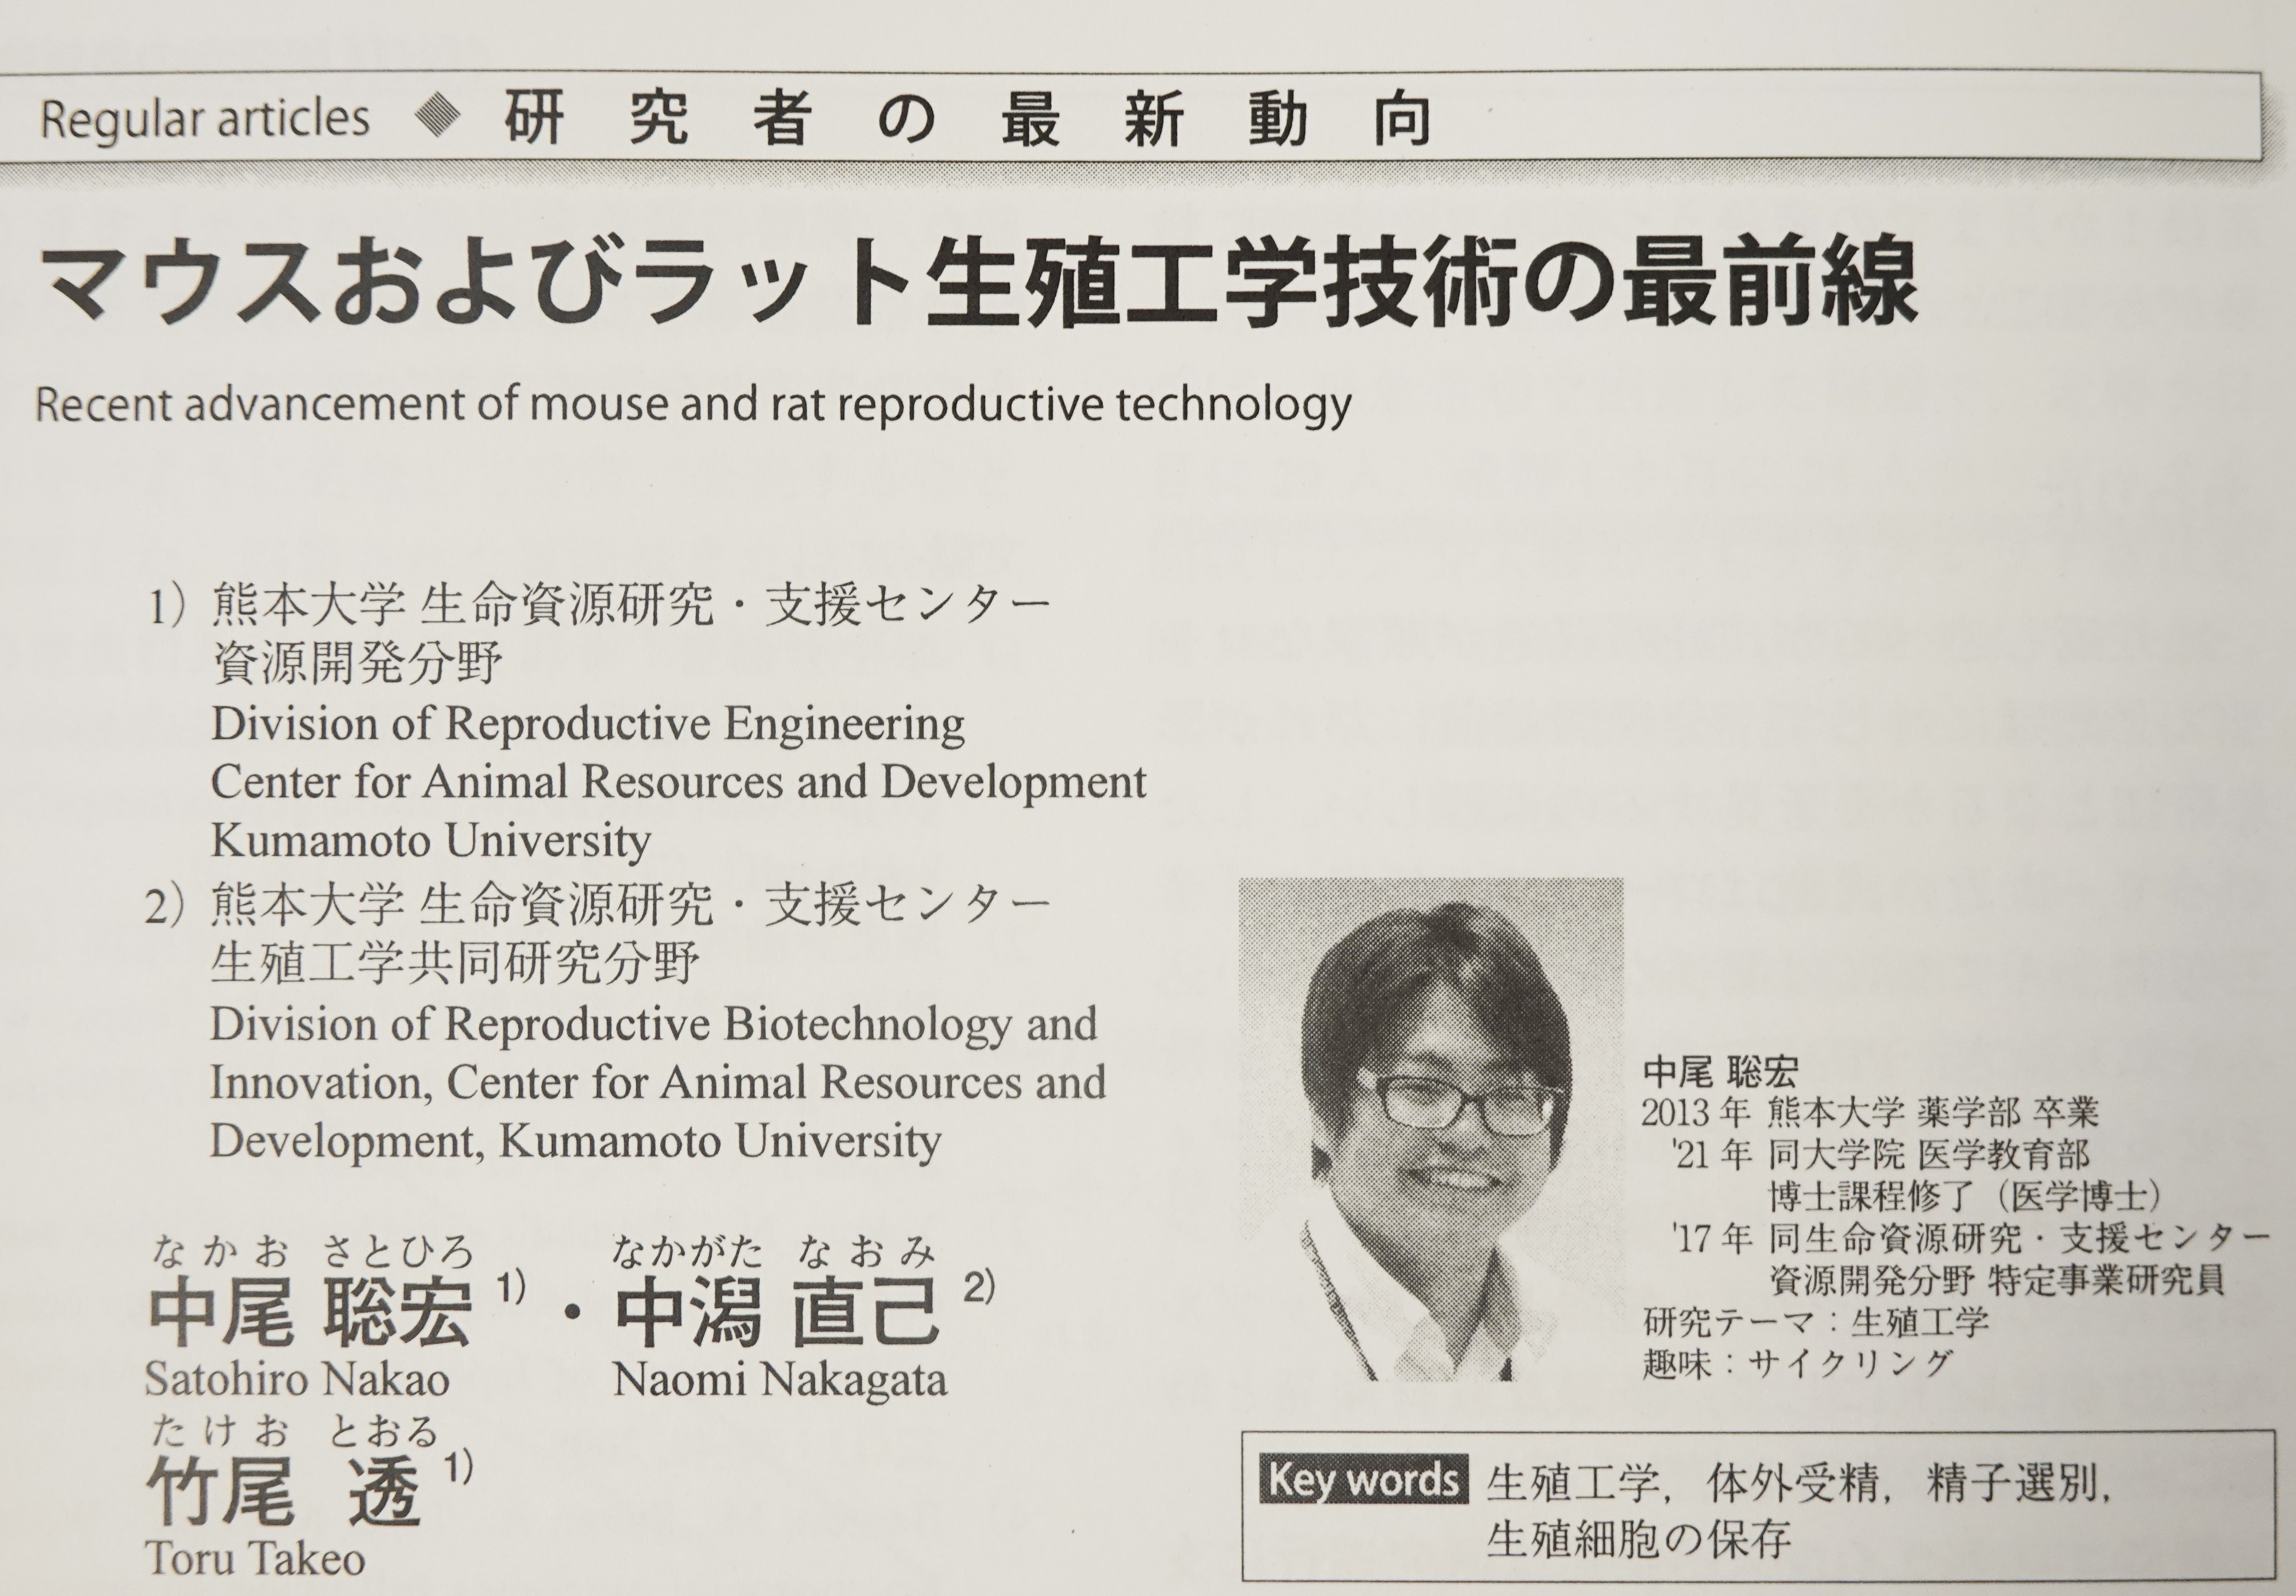 マウスラット生殖工学の最前線_中尾聡宏.jpg